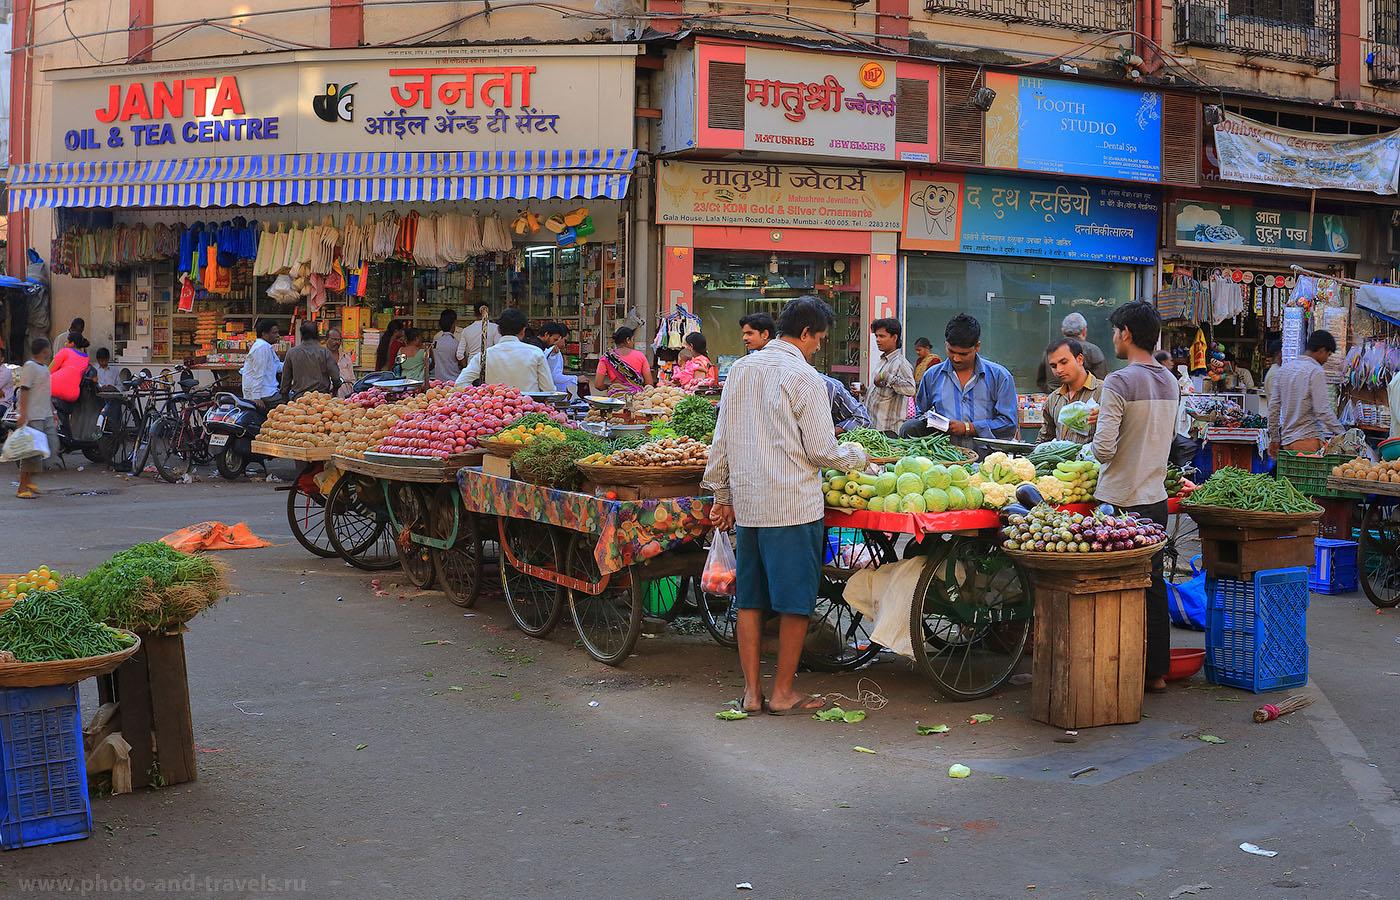 Фото 15. На рынке в Мумбаи. Отзывы туристов о поездках в Индию. (1/40, EV-1, f/14.0, ISO 500, ФР=40)